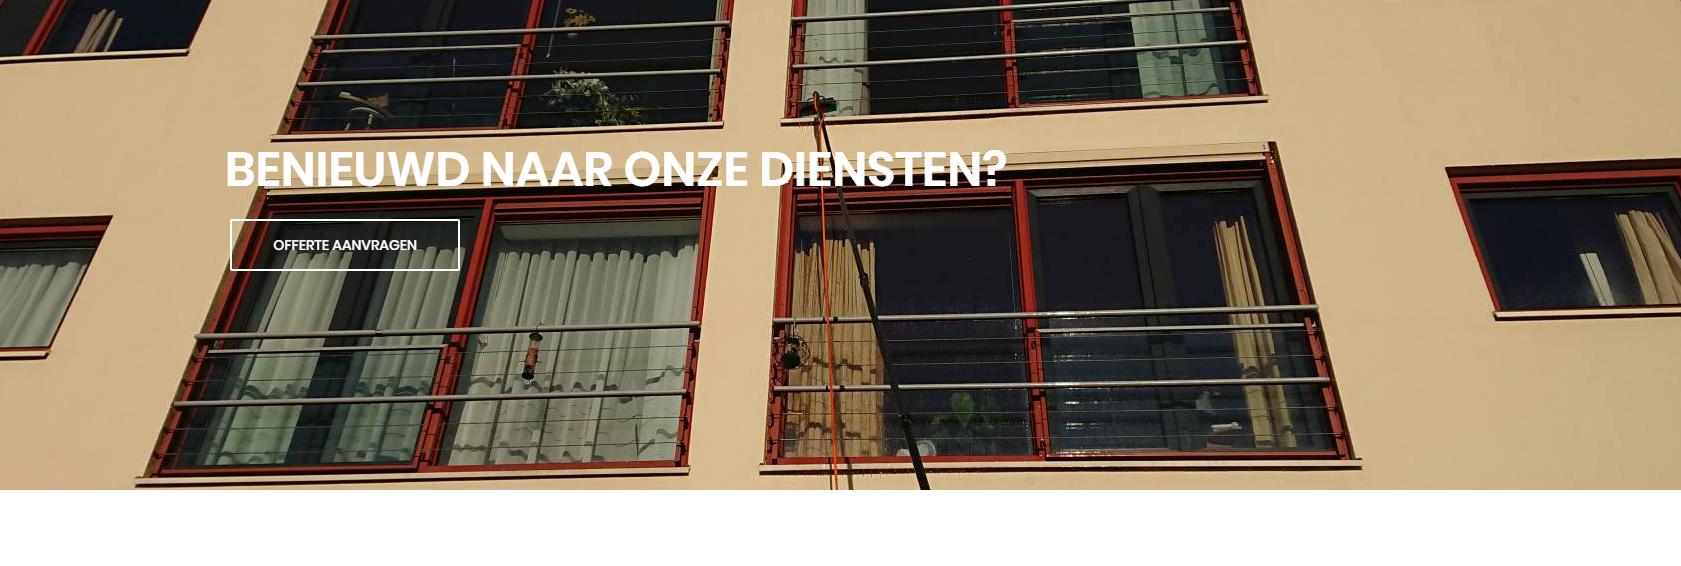 schoonmaakbedrijf Nijmegen